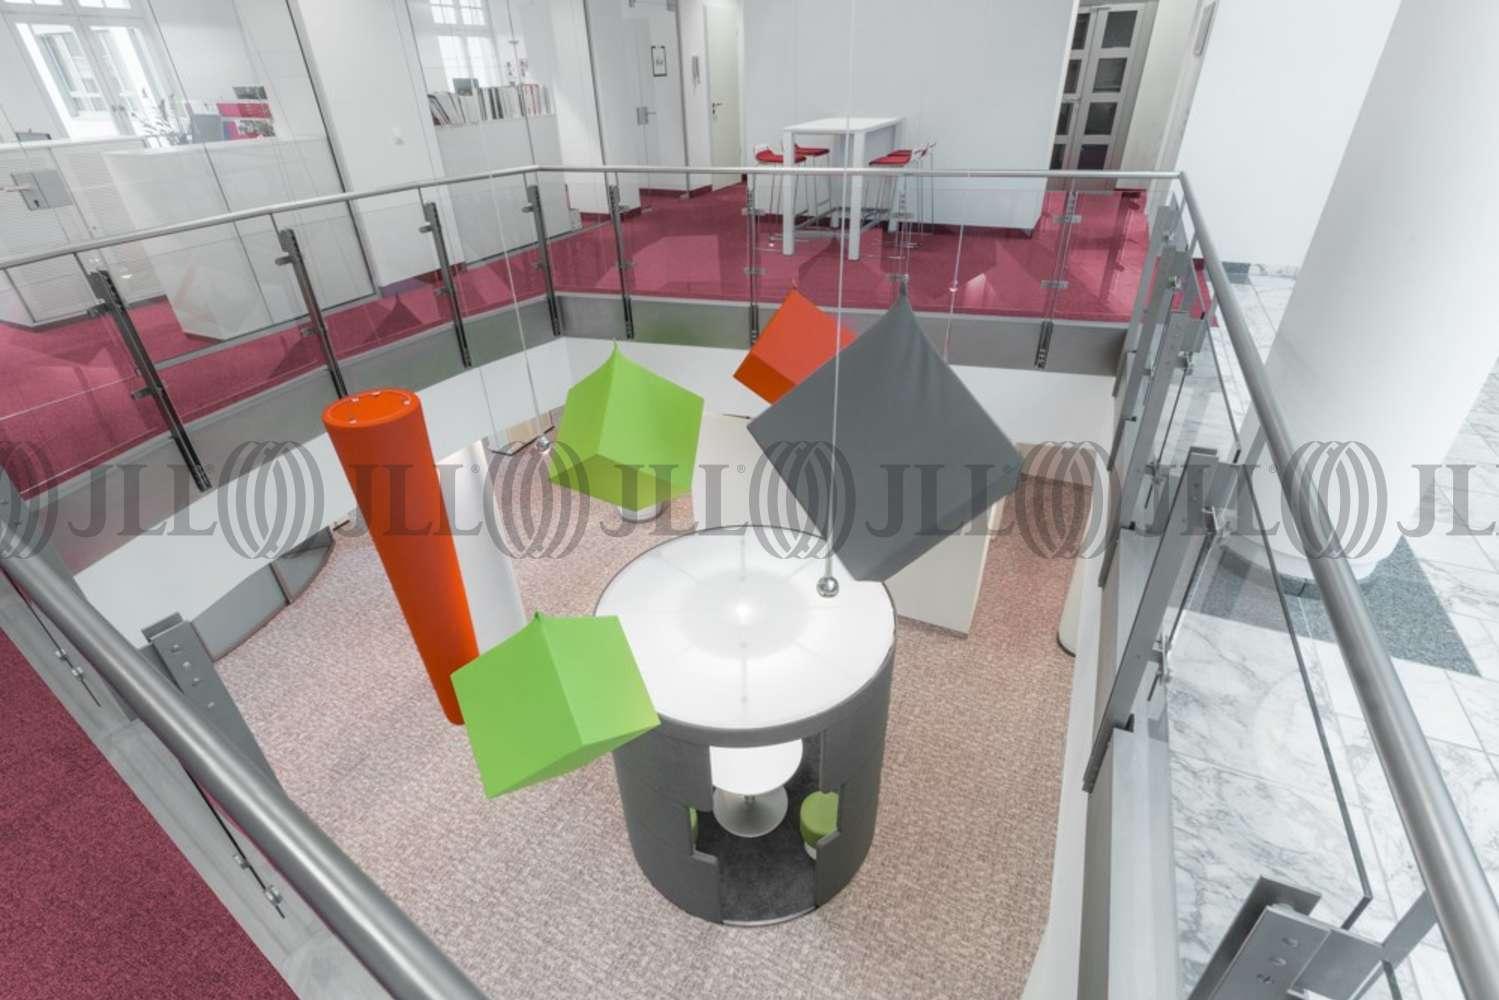 Büros Frankfurt am main, 60311 - Büro - Frankfurt am Main, Innenstadt - F1420 - 9647719